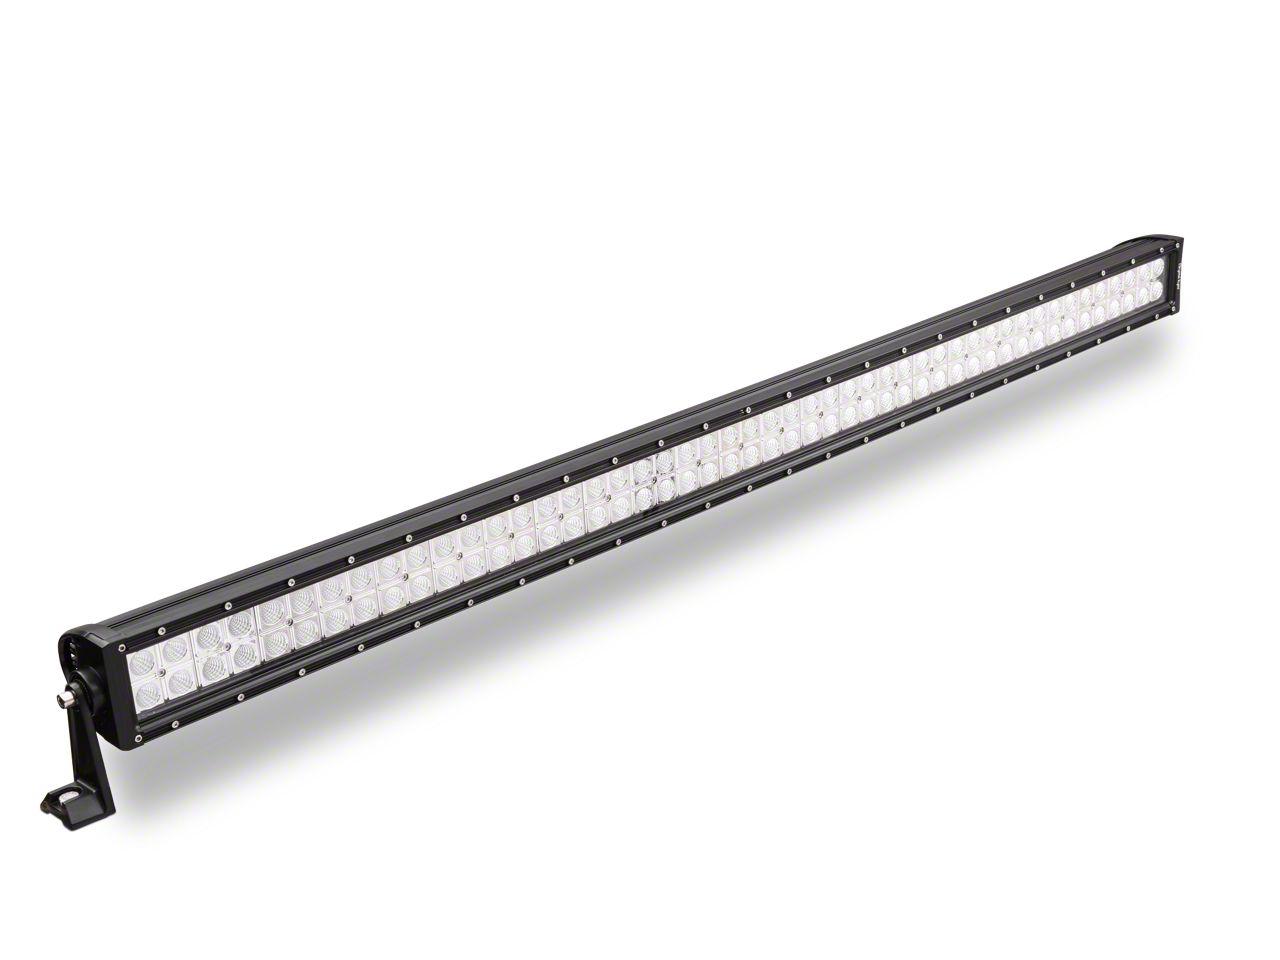 Alteon 50 in. 11 Series LED Light Bar - 60 Degree Flood Beam